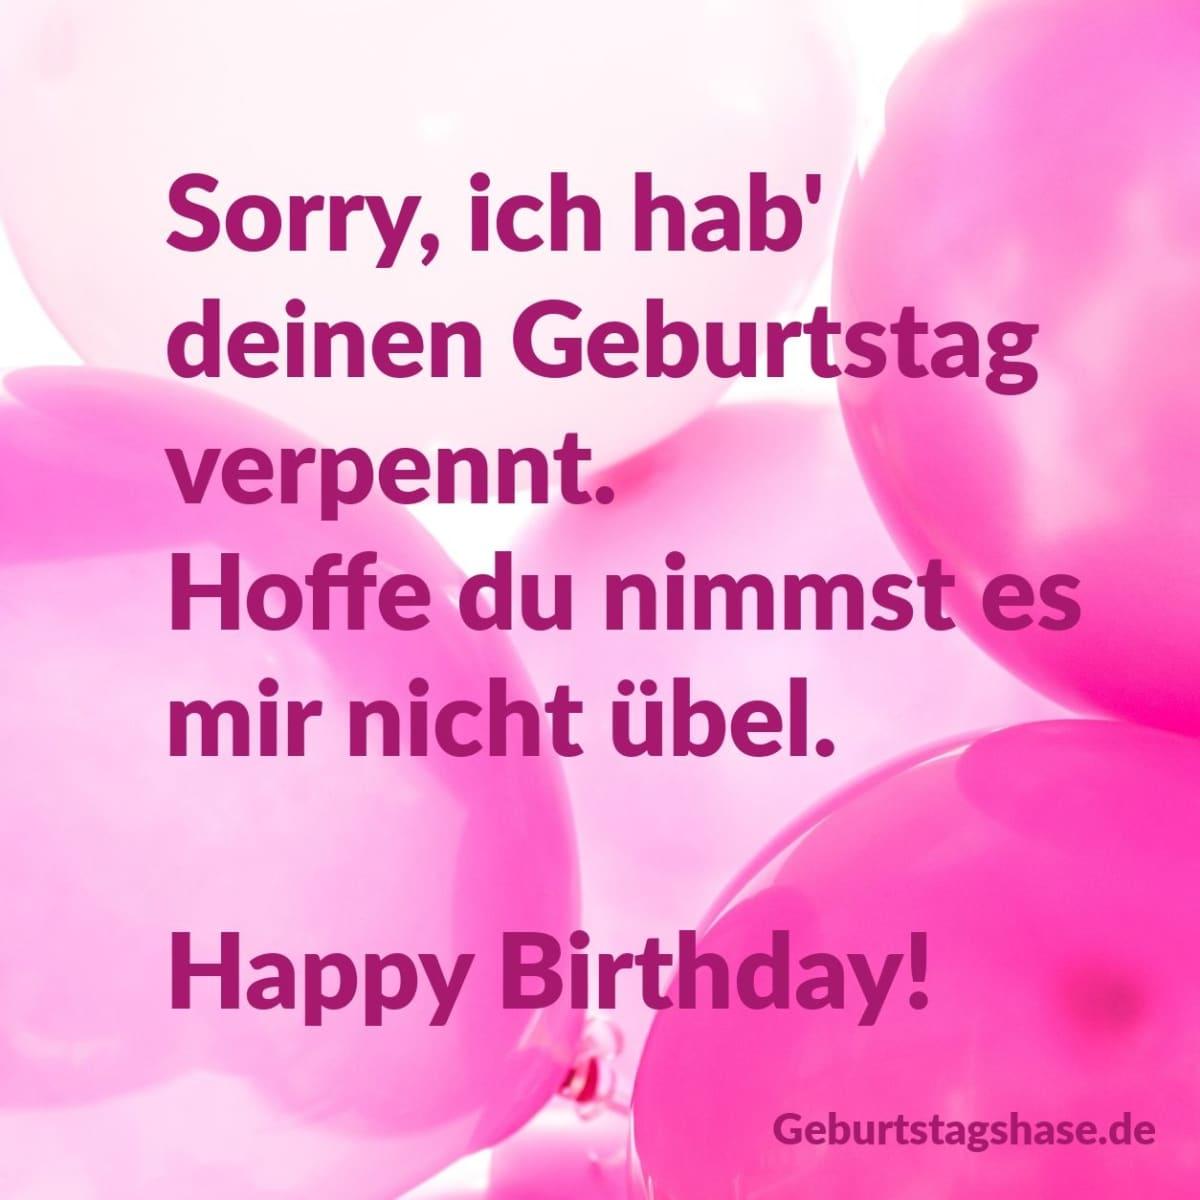 Sorry, ich hab' deinen Geburtstag verpennt. Hoffe du nimmst es mir nicht übel. Happy Birthday!